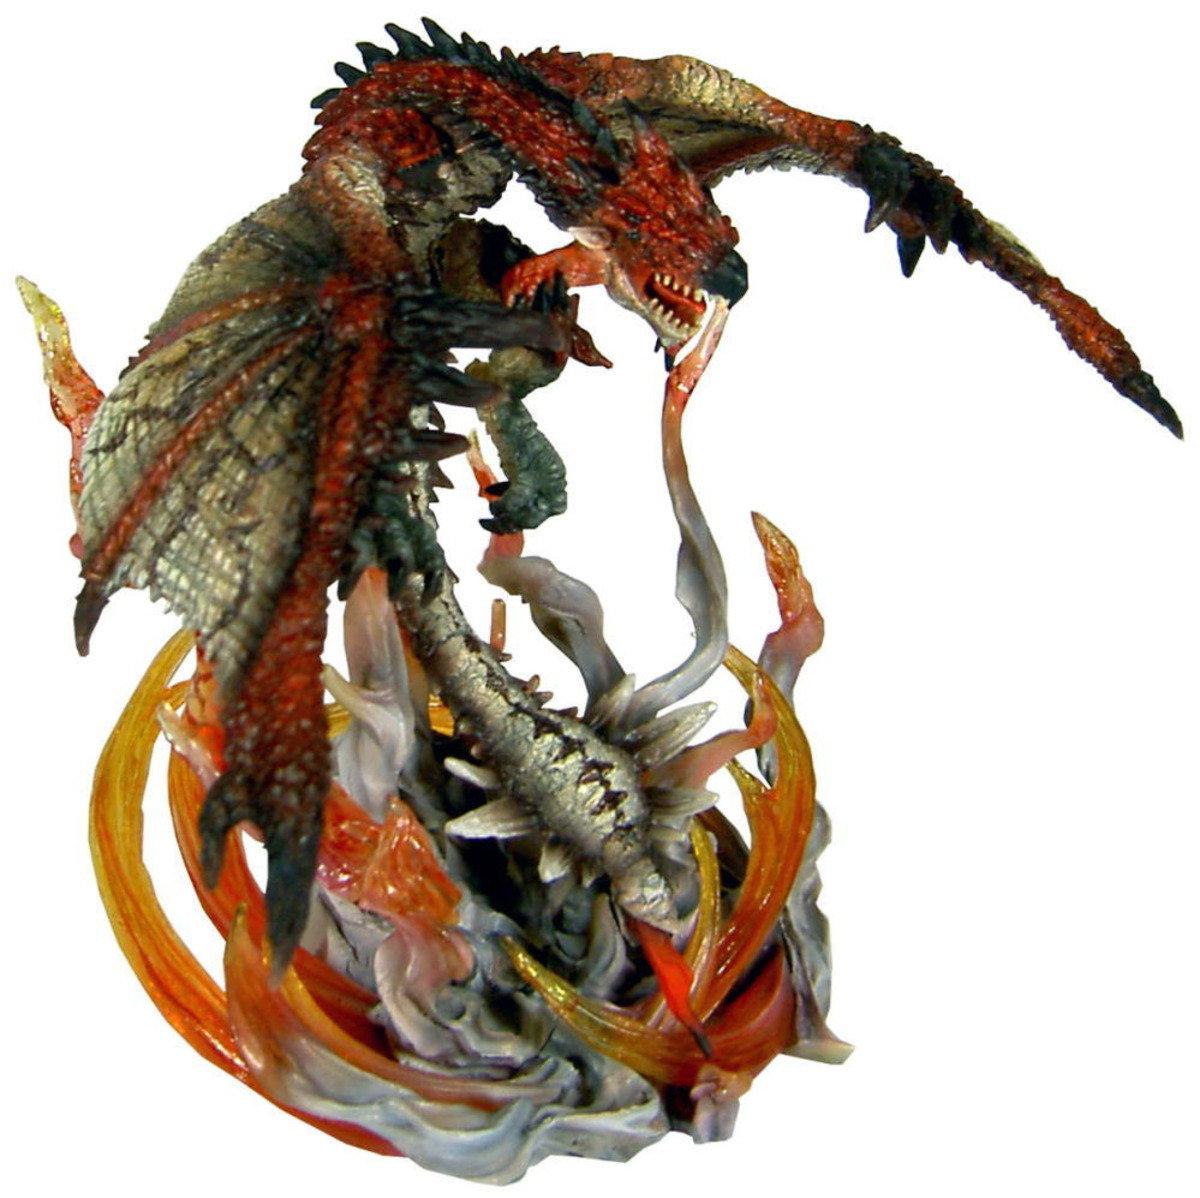 怪物獵人 D.M.A. 系列 VOL.1 炎之 火龍 雄火龍 (限量版)